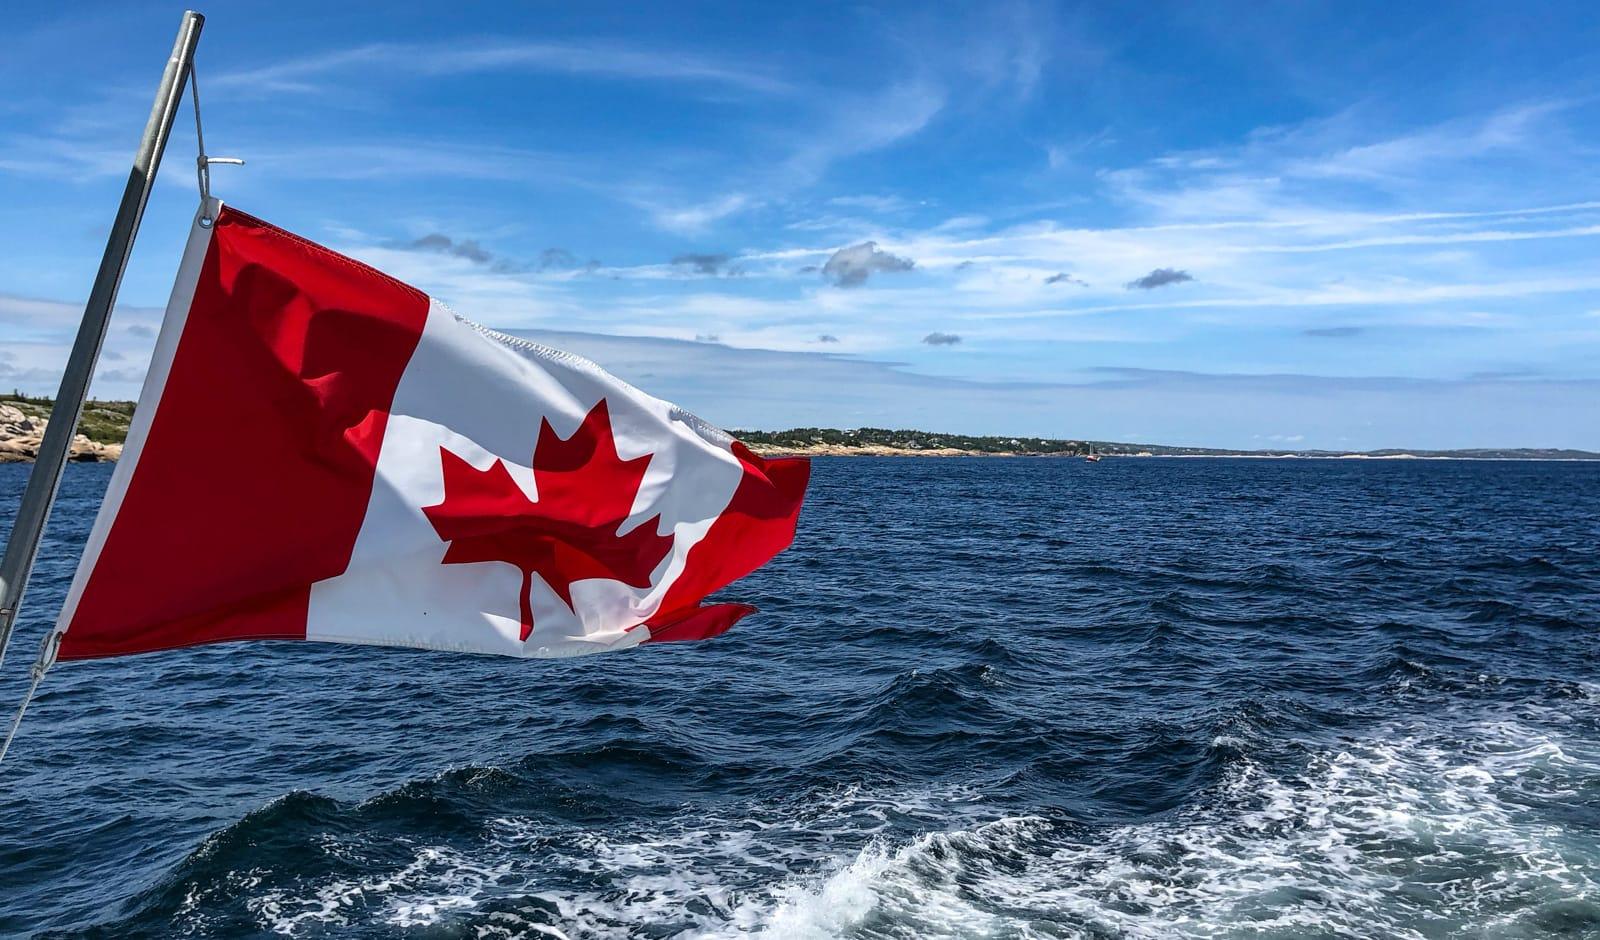 Kanada-Flagge am Heck des Schiffes im Wind